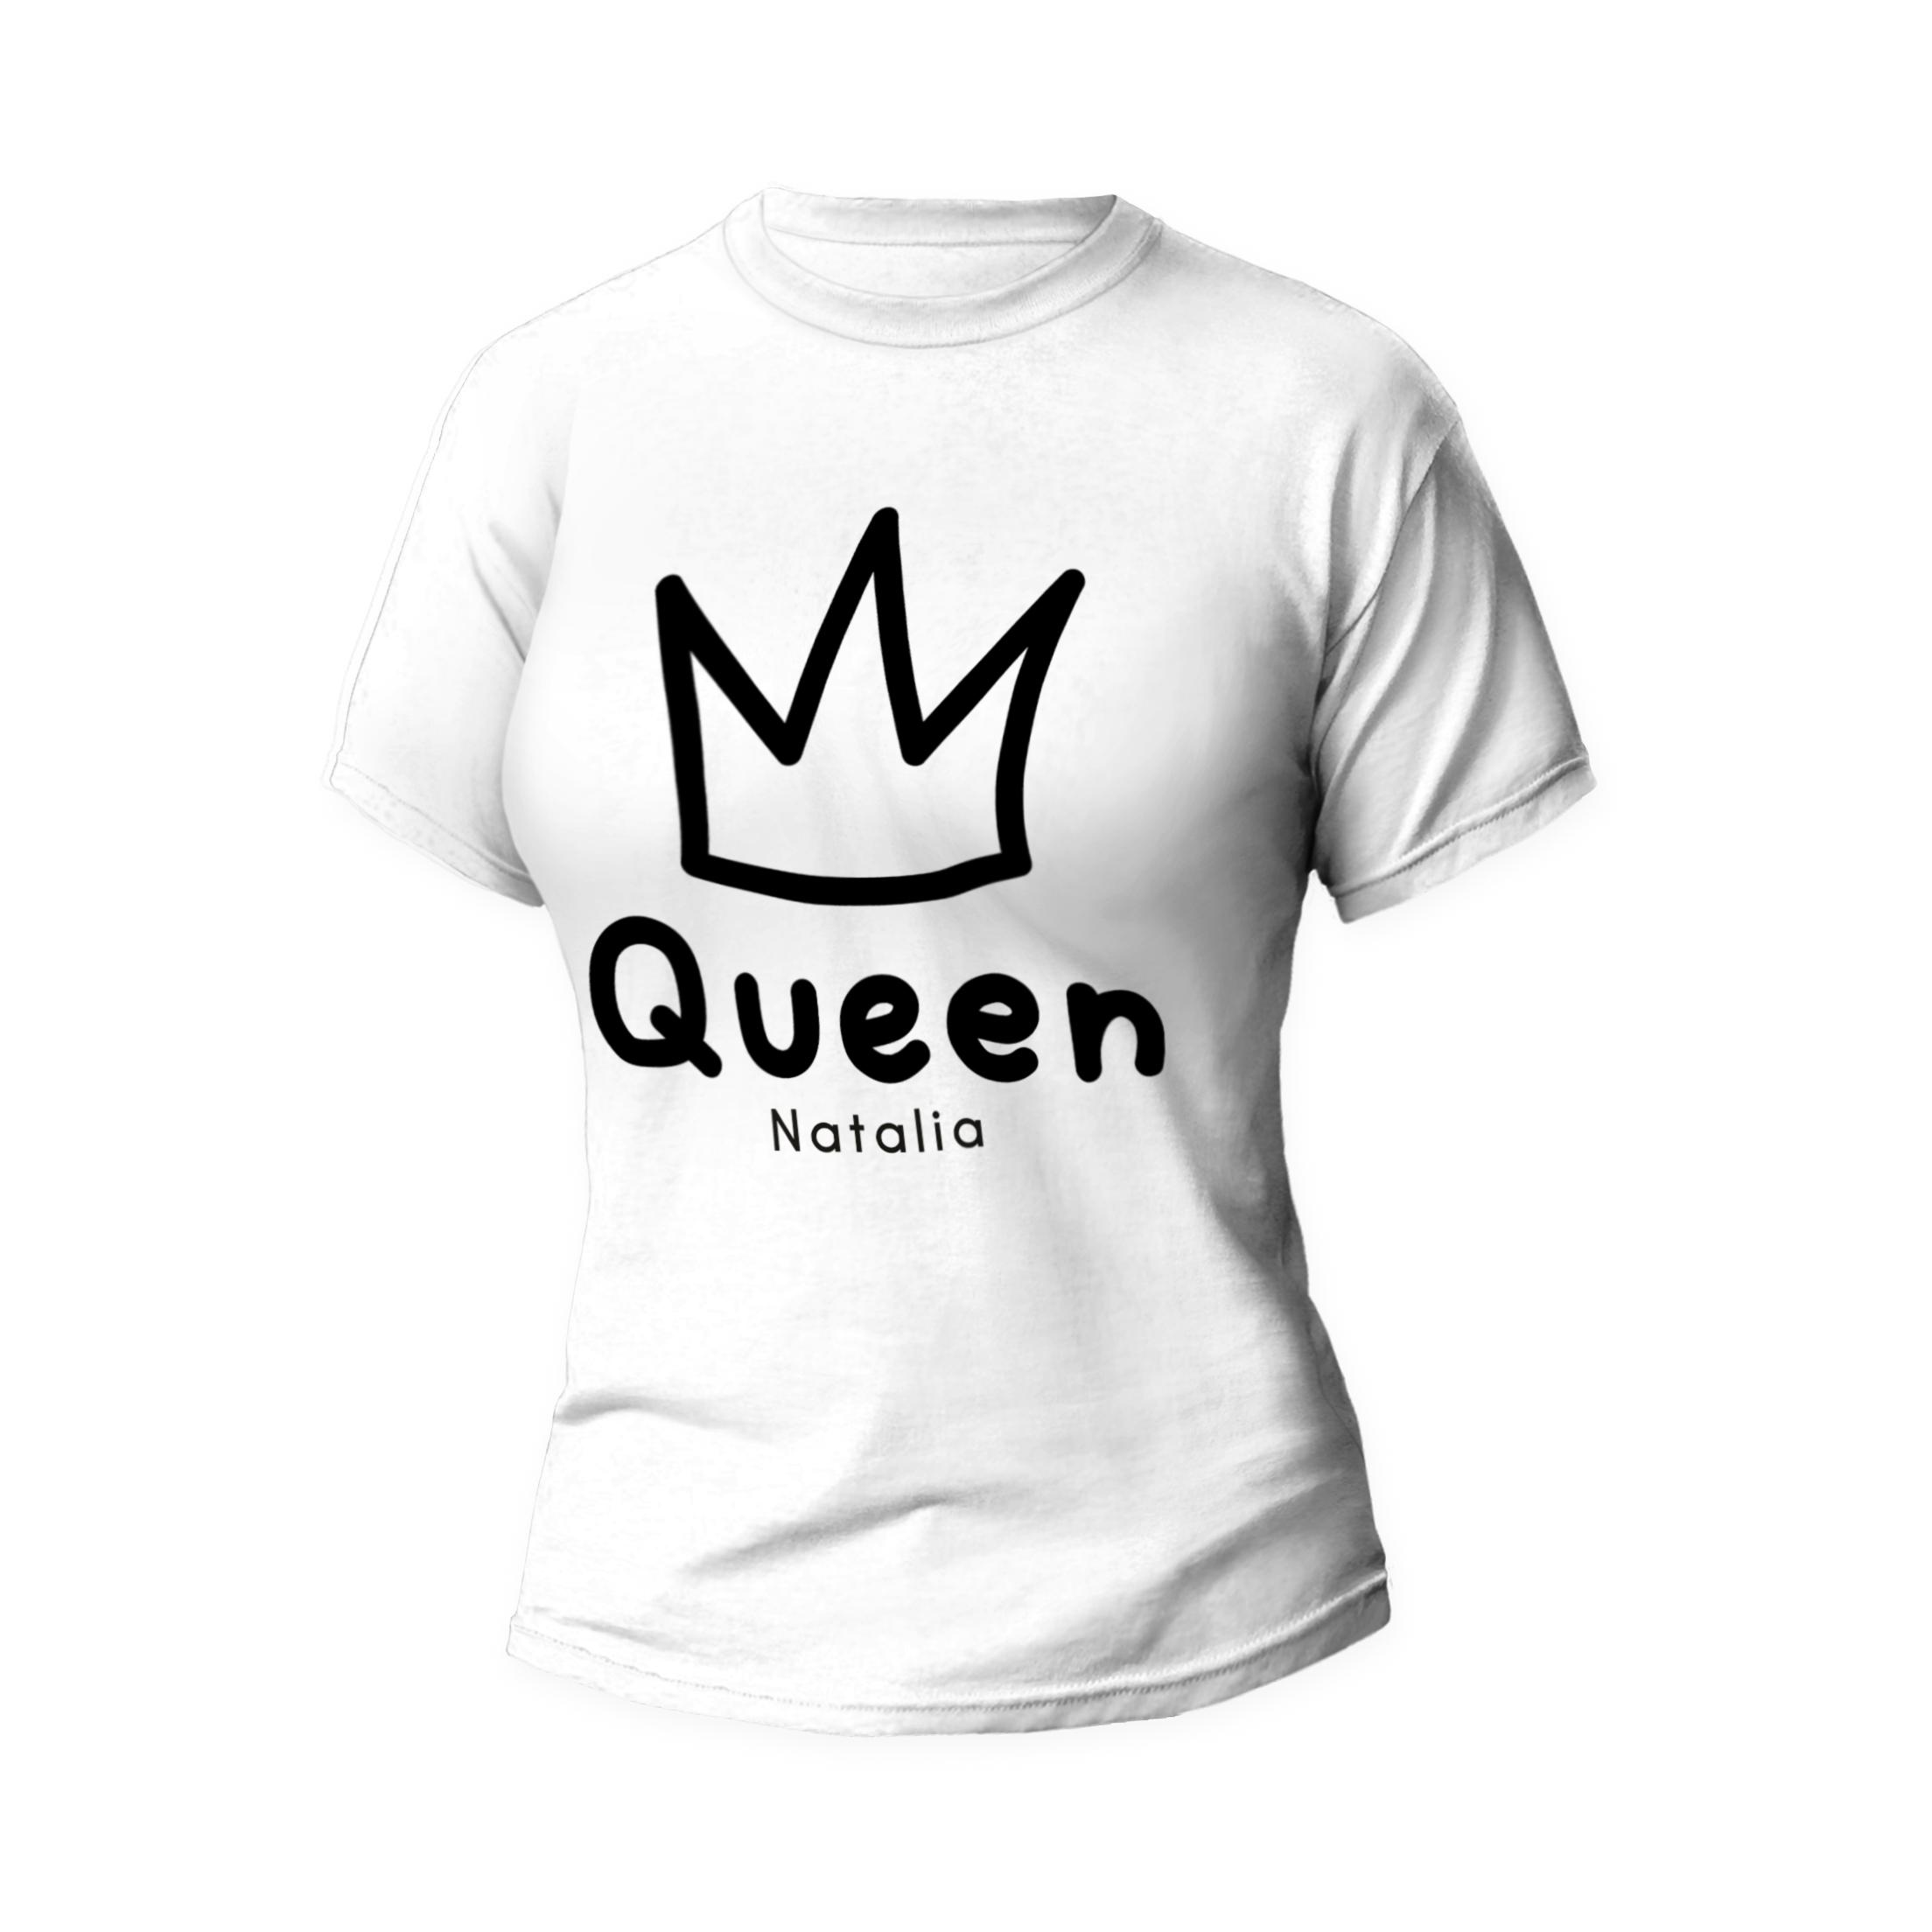 Rozmiar M - koszulka damska z własnym nadrukiem - Queen